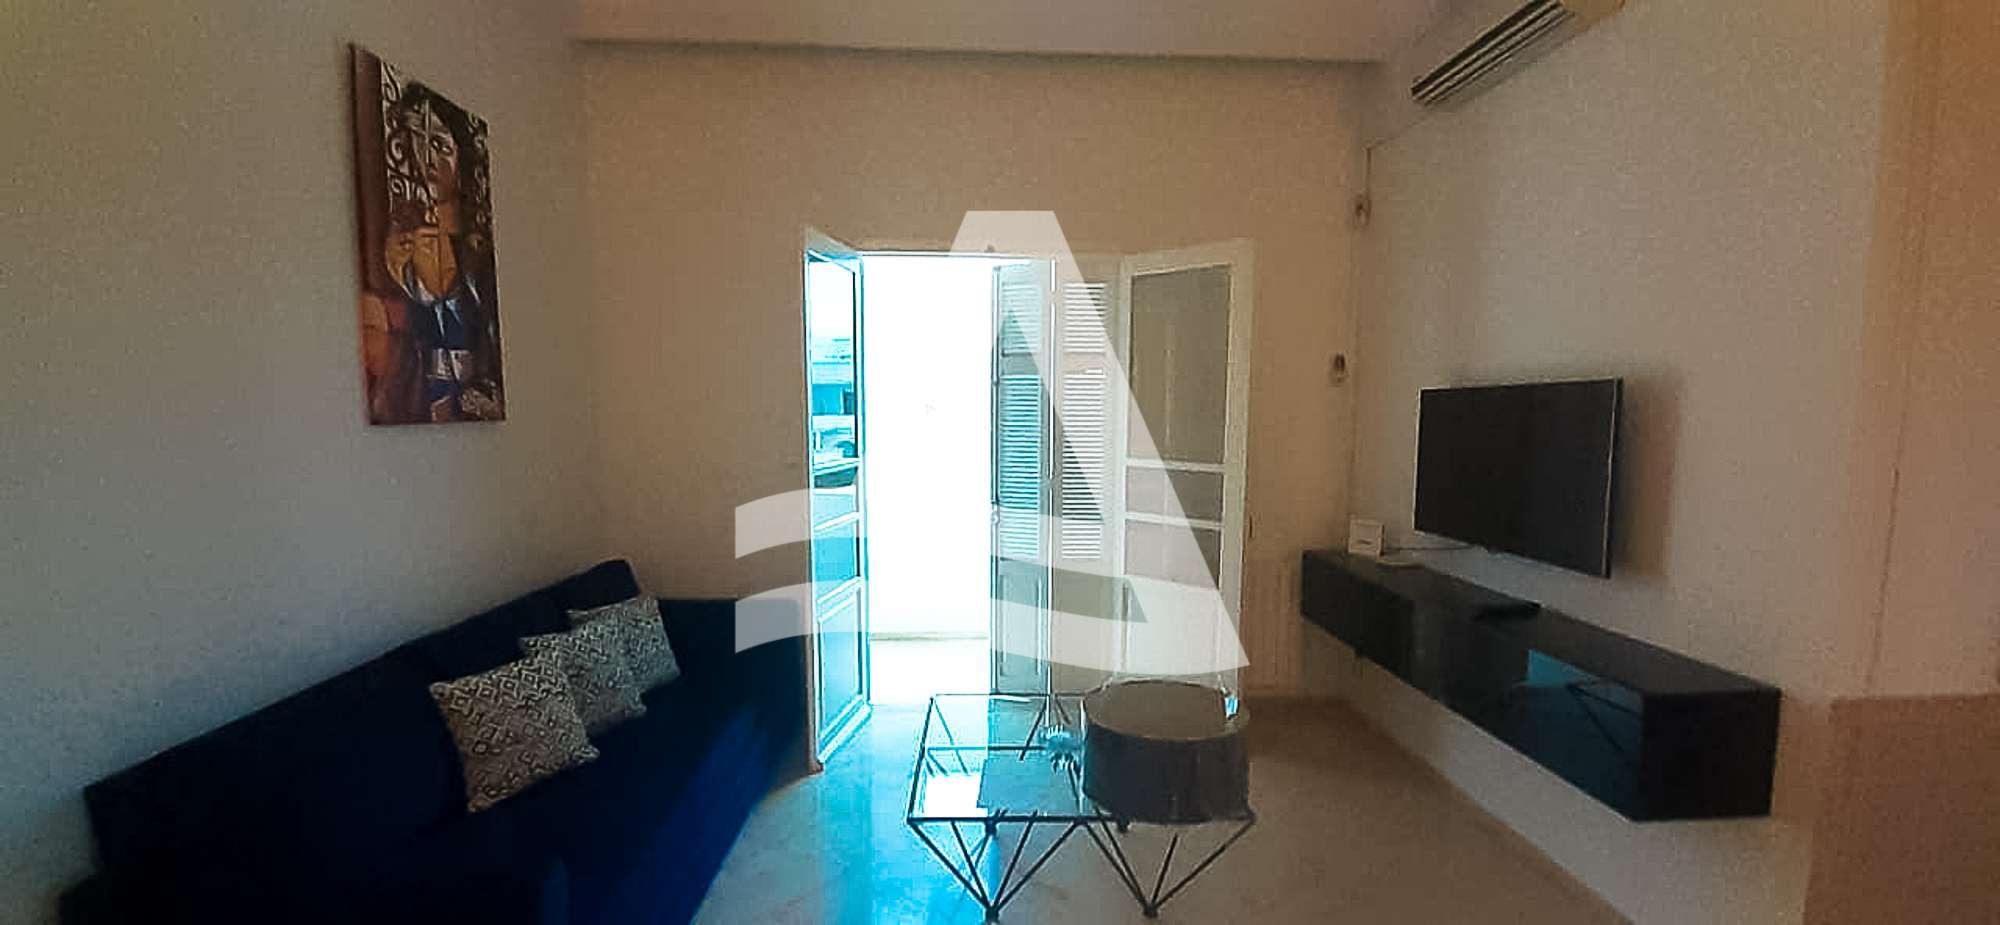 httpss3.amazonaws.comlogimoaws_Arcane_immobilière_la_Marsa-_location_-_vente_la_marsa___1583429652937